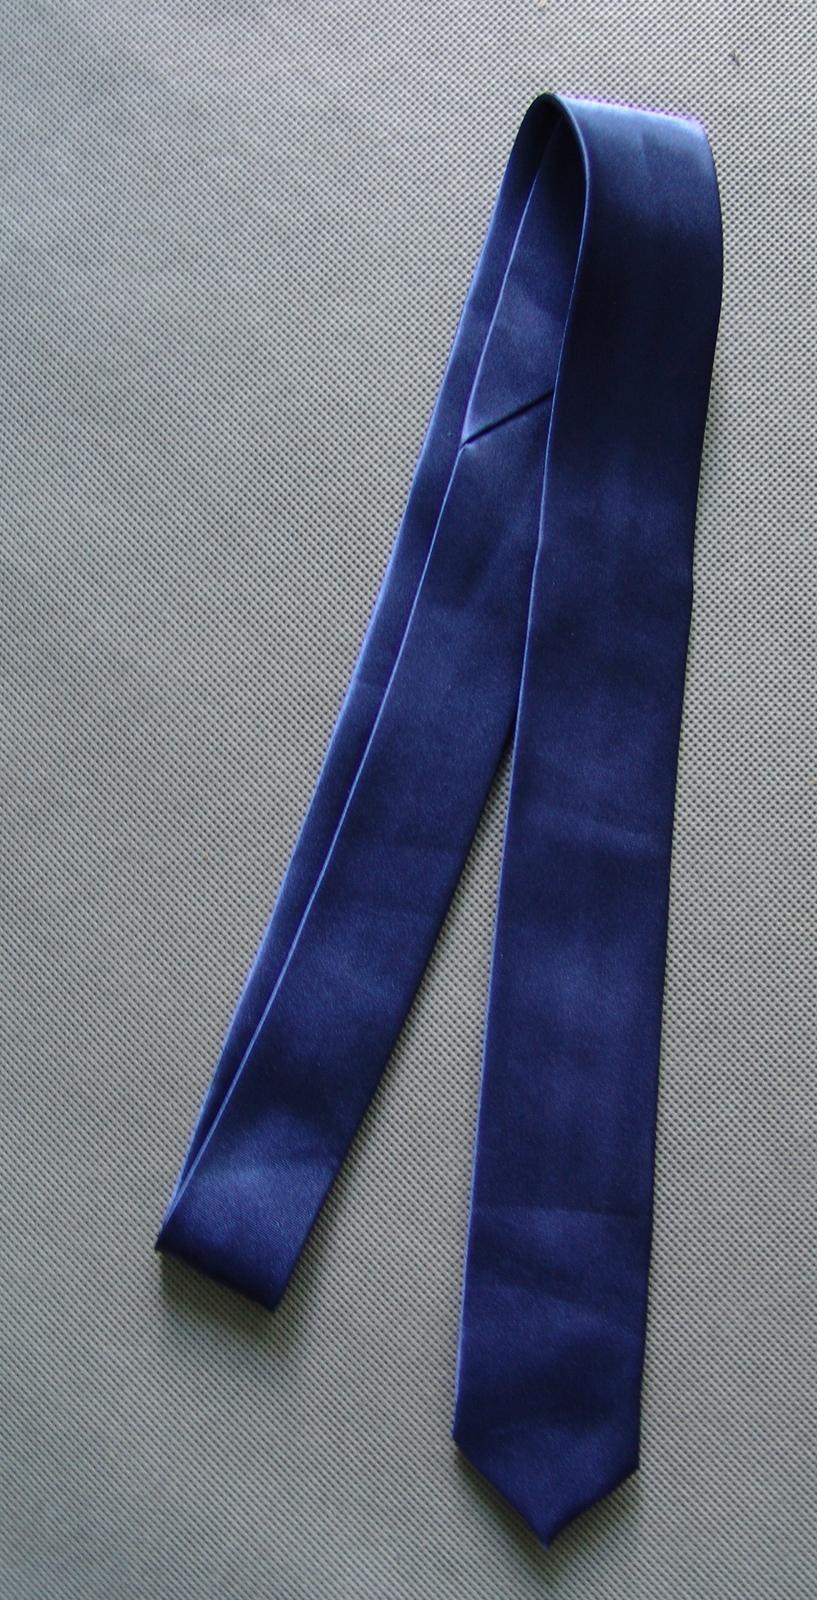 SKLADEM - modrá pánská kravata - slim - Obrázek č. 4